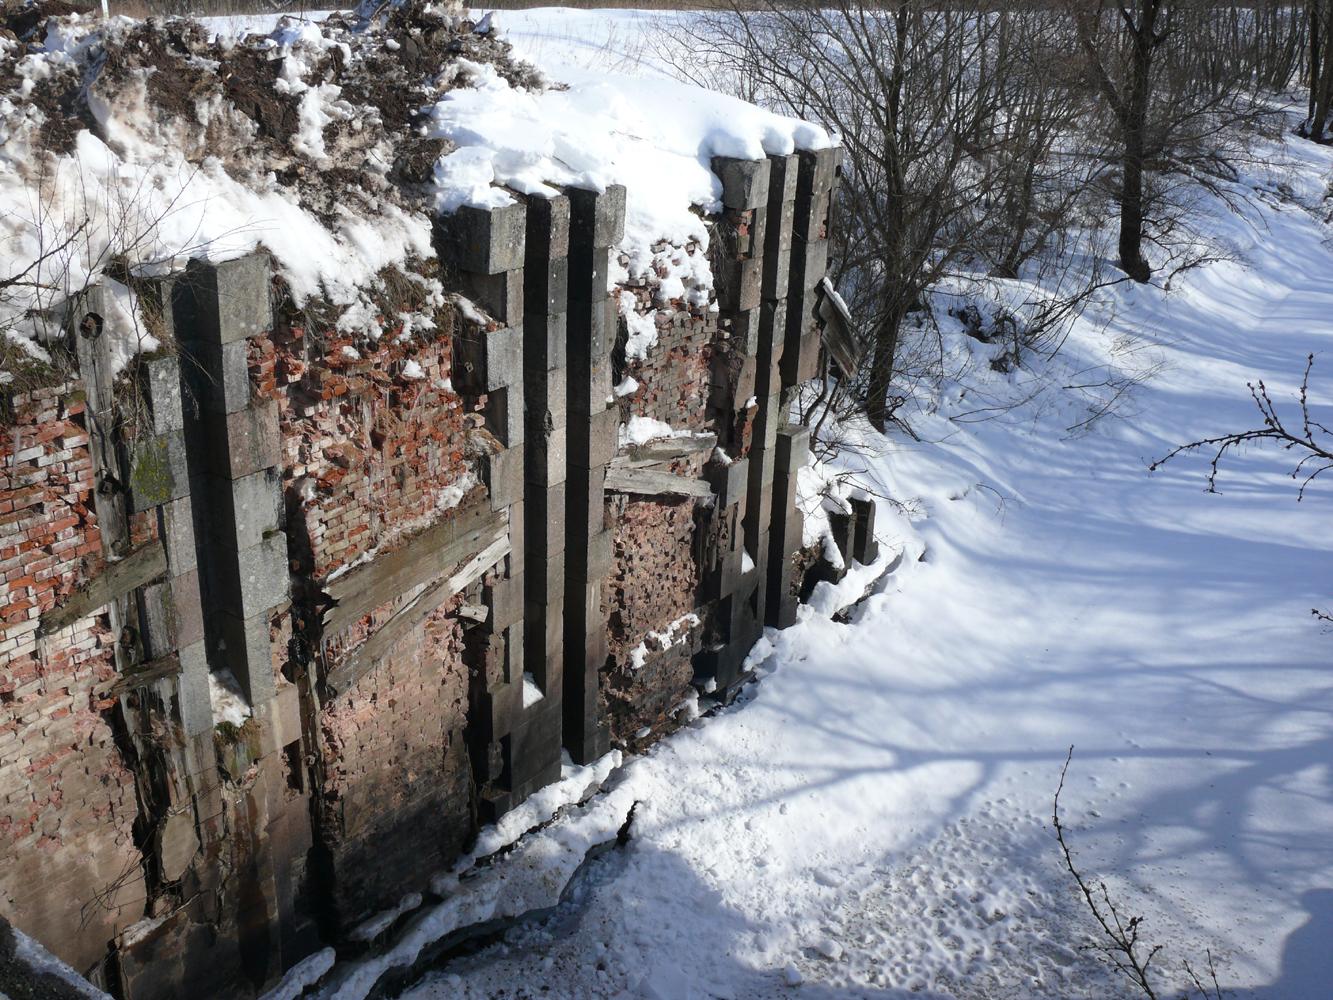 Вышневолоцкая водная система, остатки шлюзовых сооружений на Вишерском канале в Новгородской области